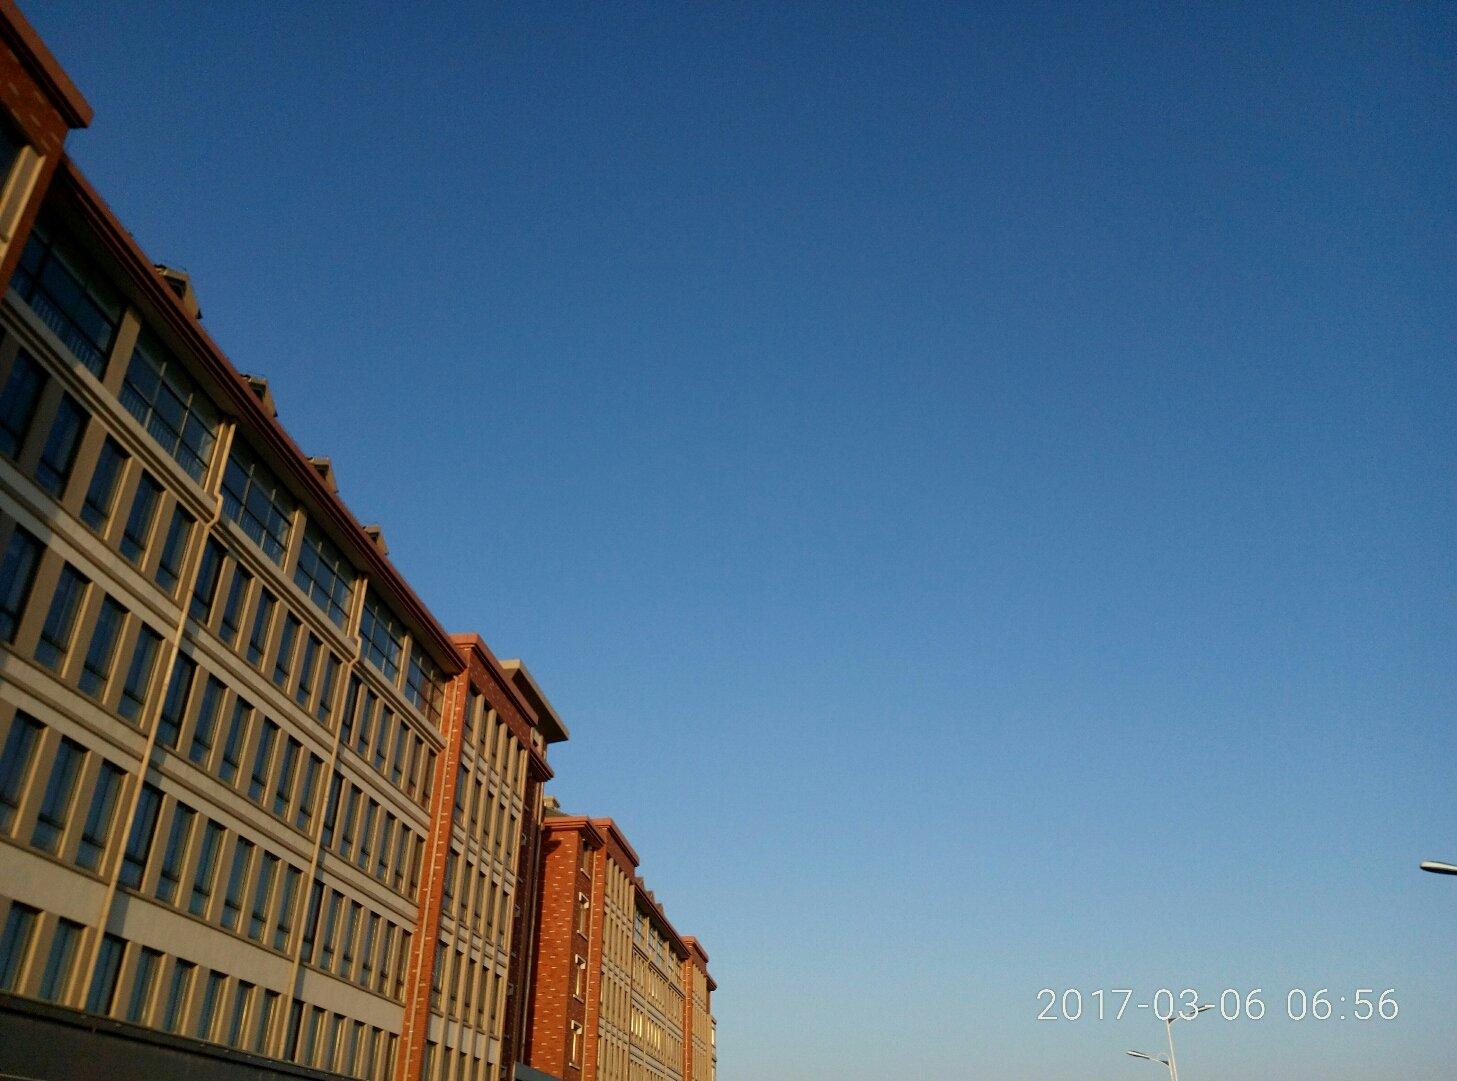 江苏省南通市如东县洋口镇225省道天气预报